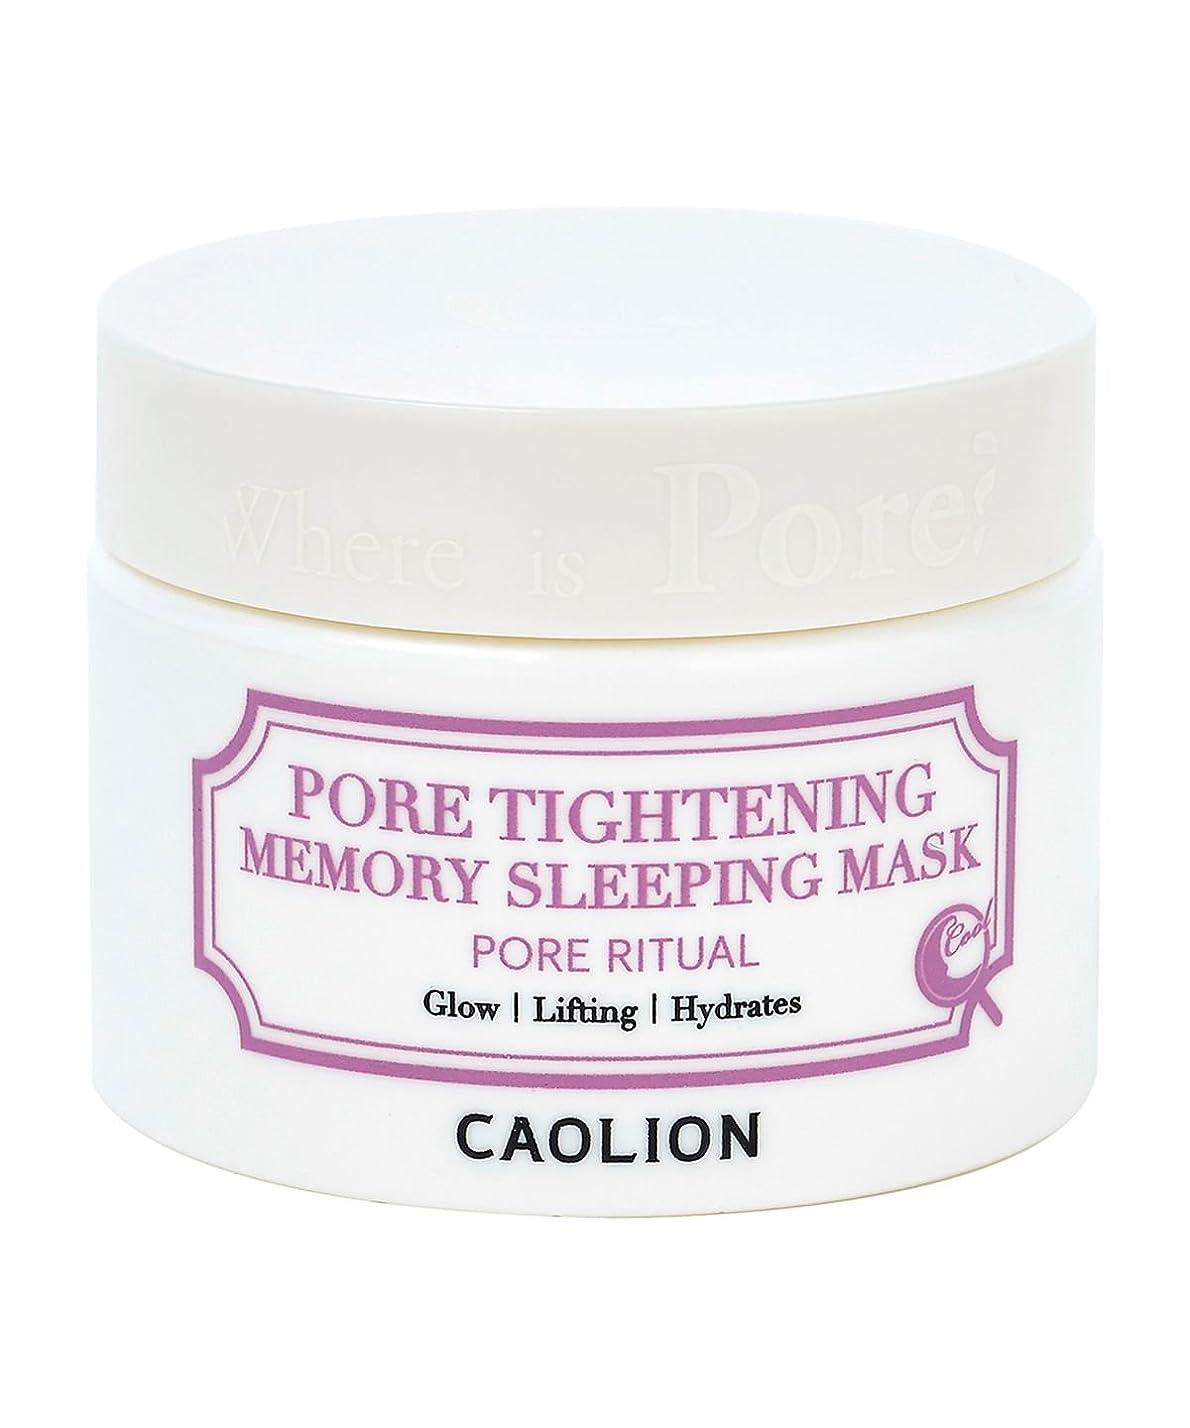 反対移行サーカスCAOLION Pore Tightening Memory Sleeping Mask メモリースリーピング毛穴マスク [海外直送品] [並行輸入品]